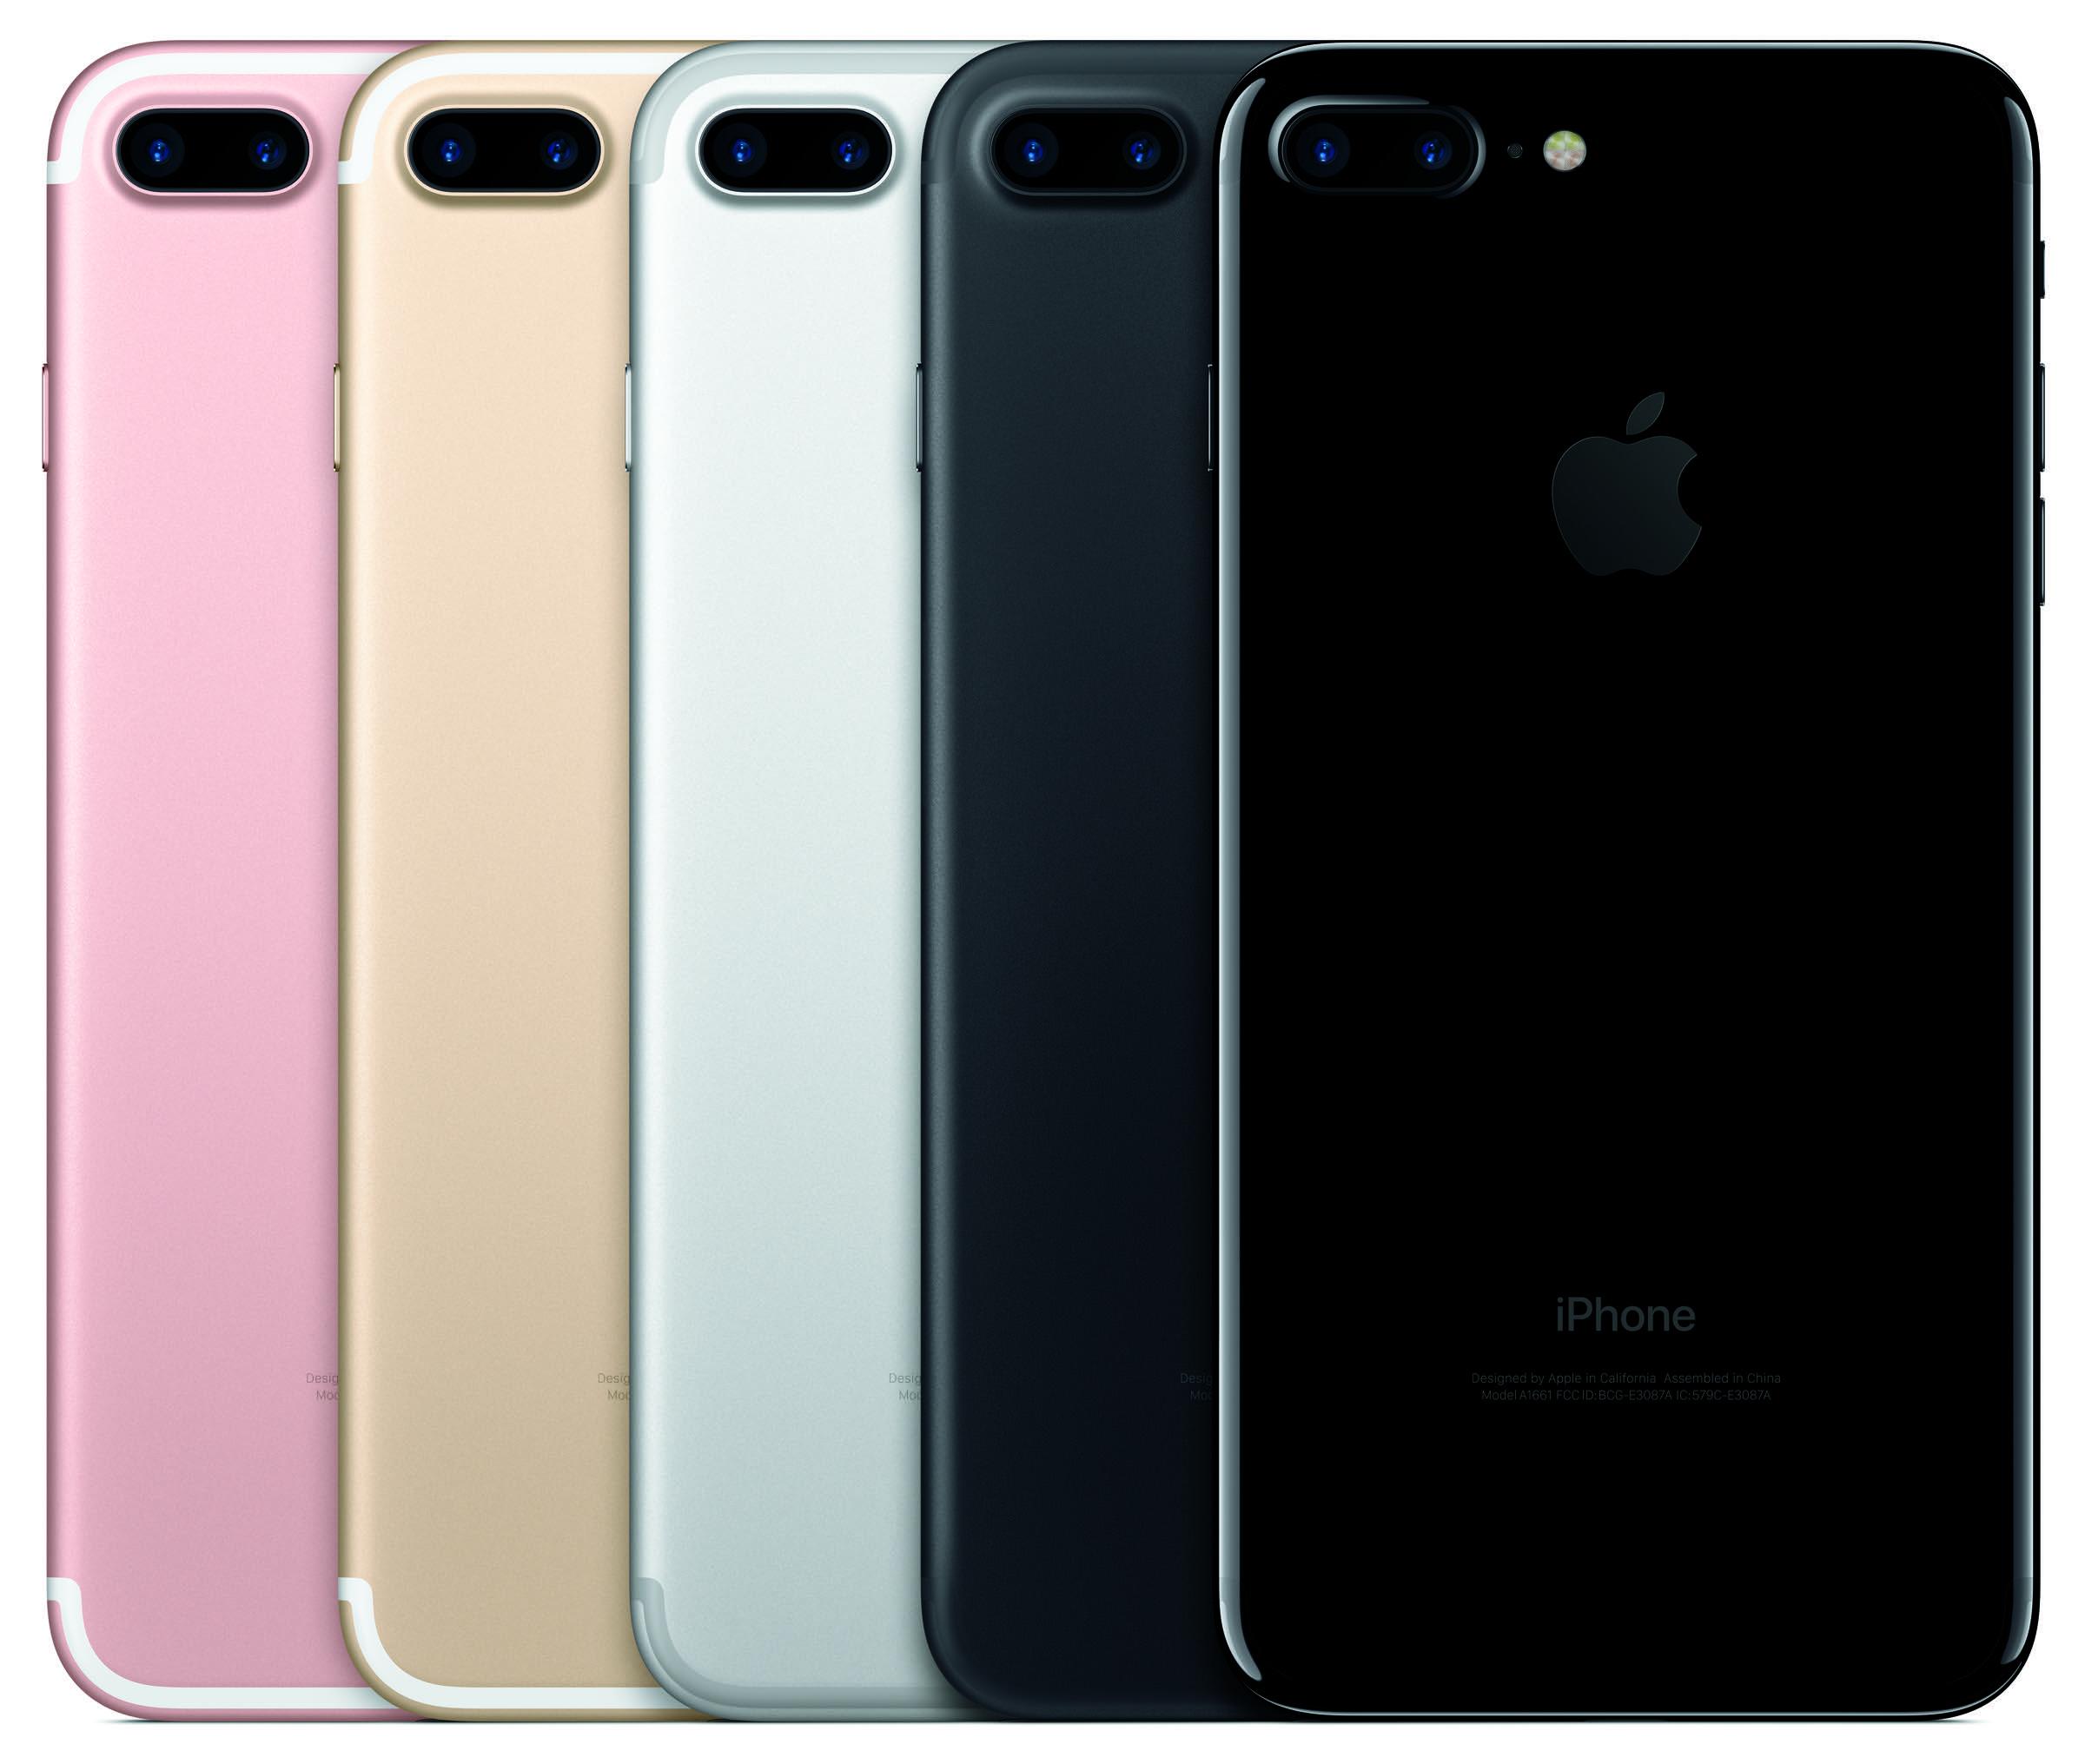 Mattschwarz oder Jet Black? Das iPhone 7 wird neue Farben bieten